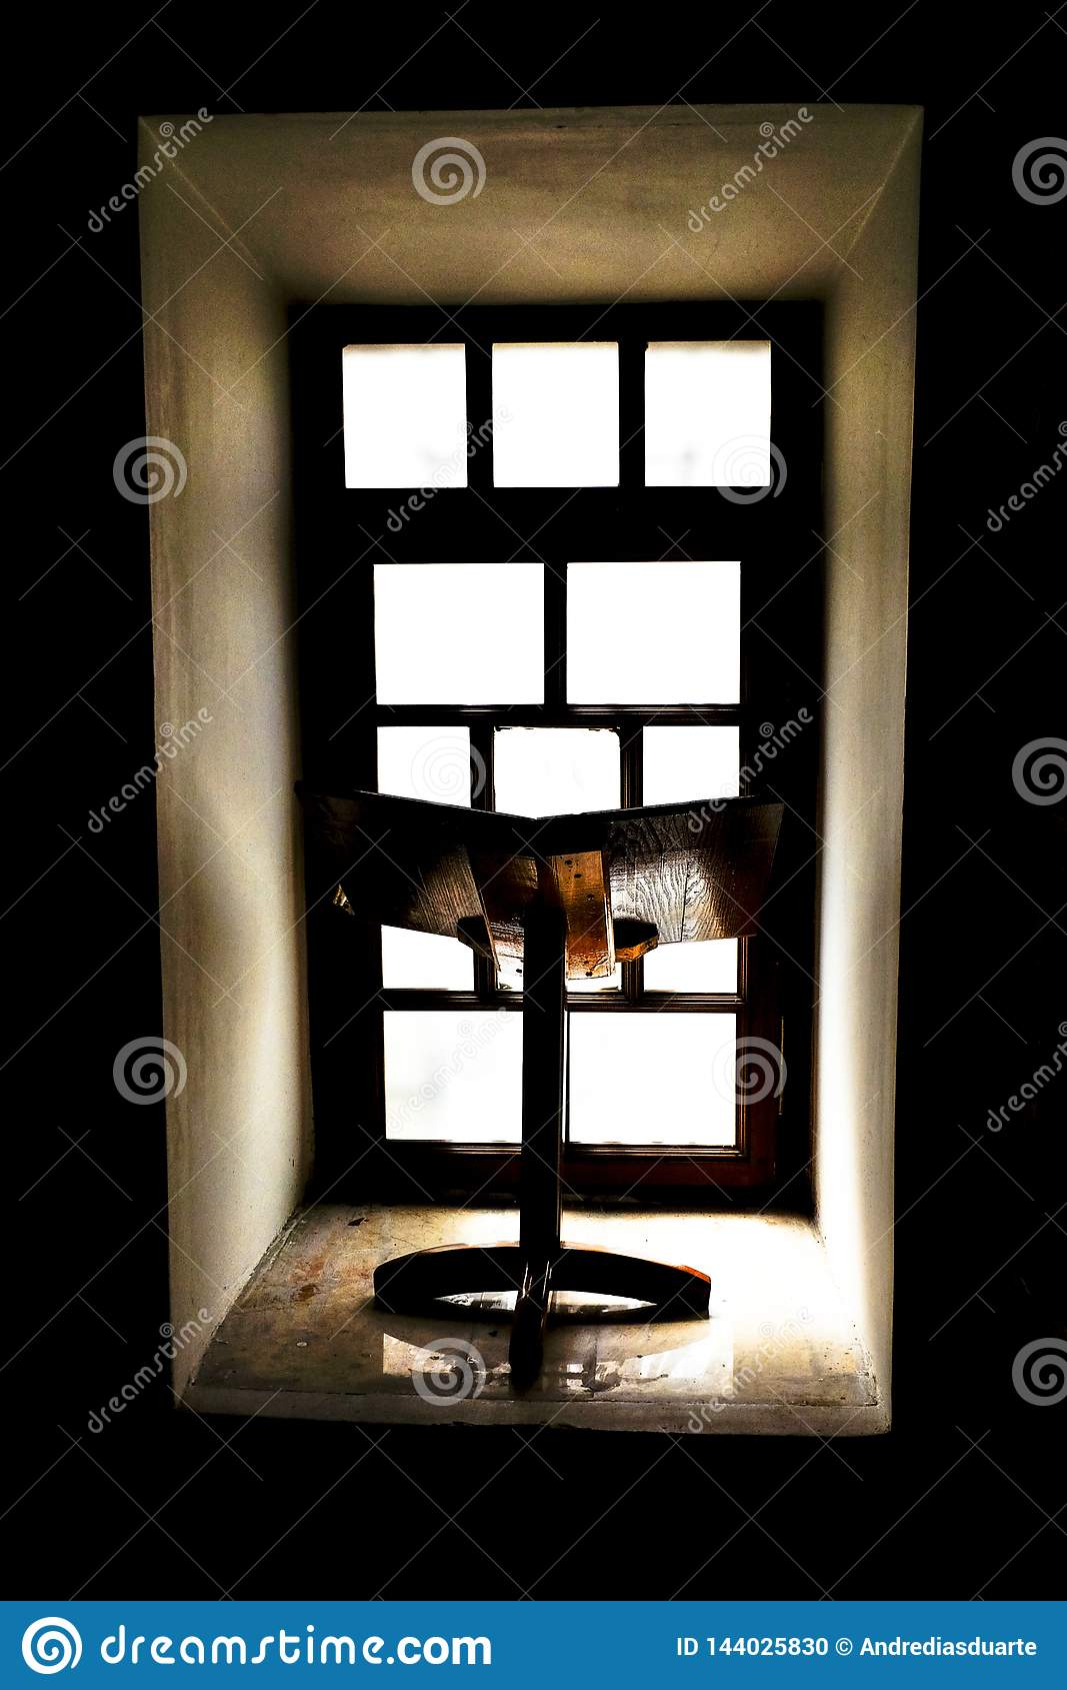 Bookstand mit Fenster im Hintergrund